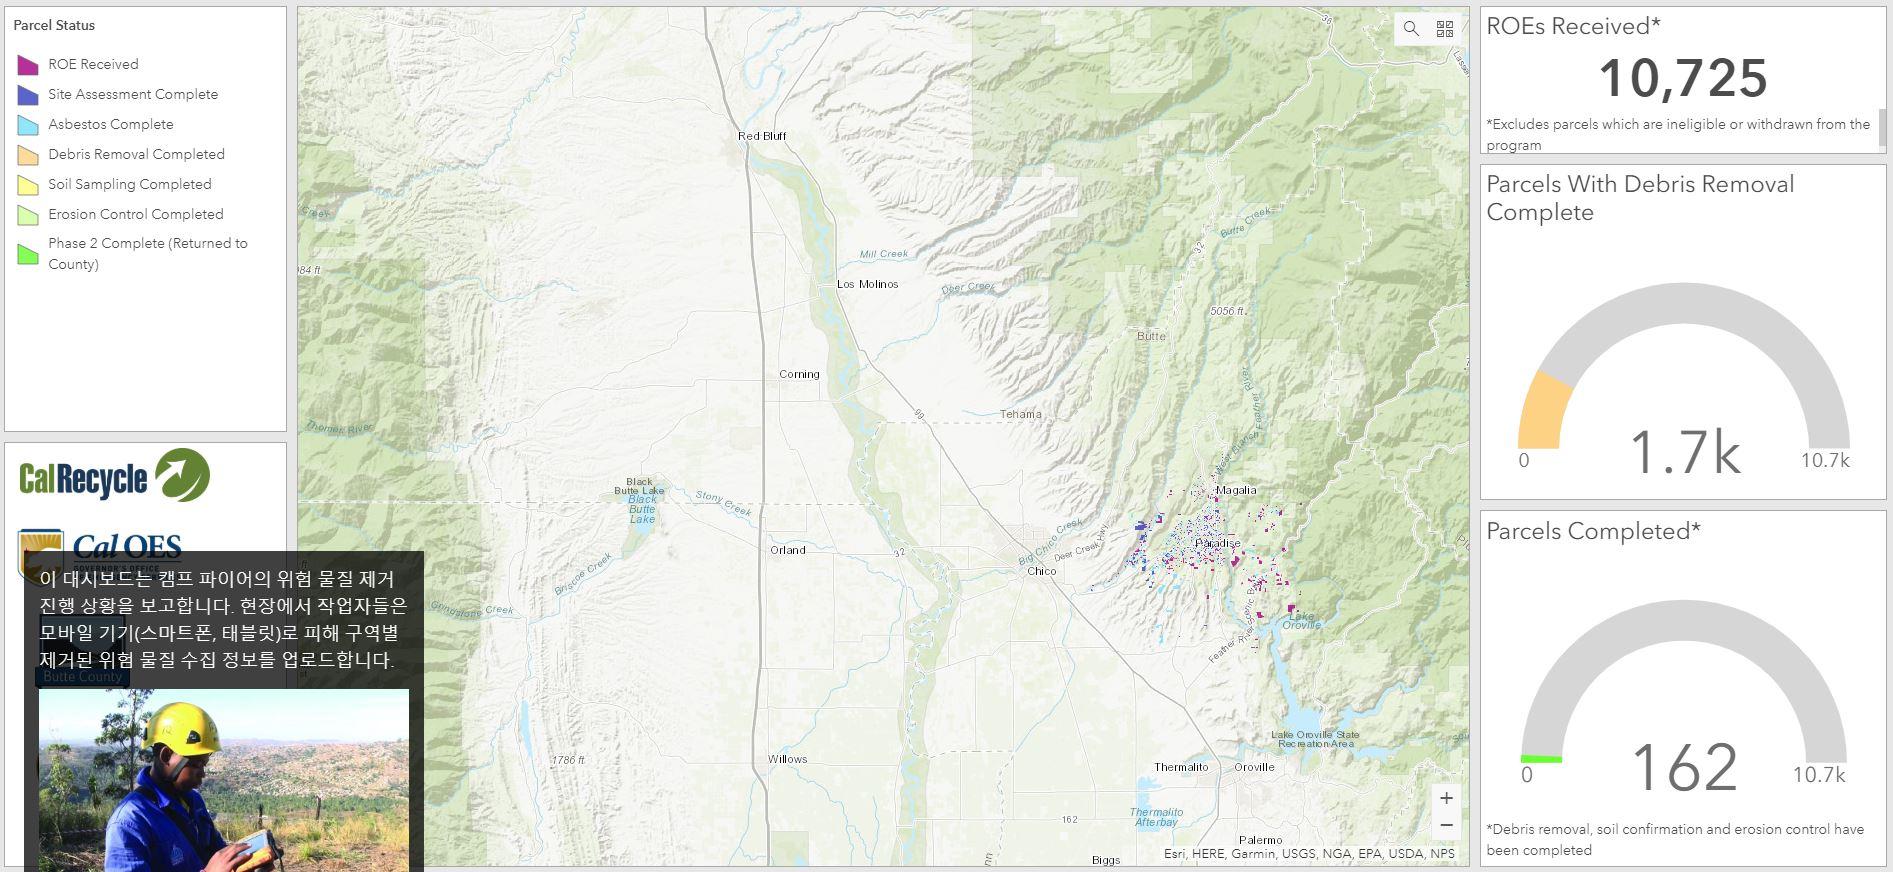 https://esrikrmkt.maps.arcgis.com/apps/Cascade/index.html?appid=c0bf23511a5a41208384e917de537563